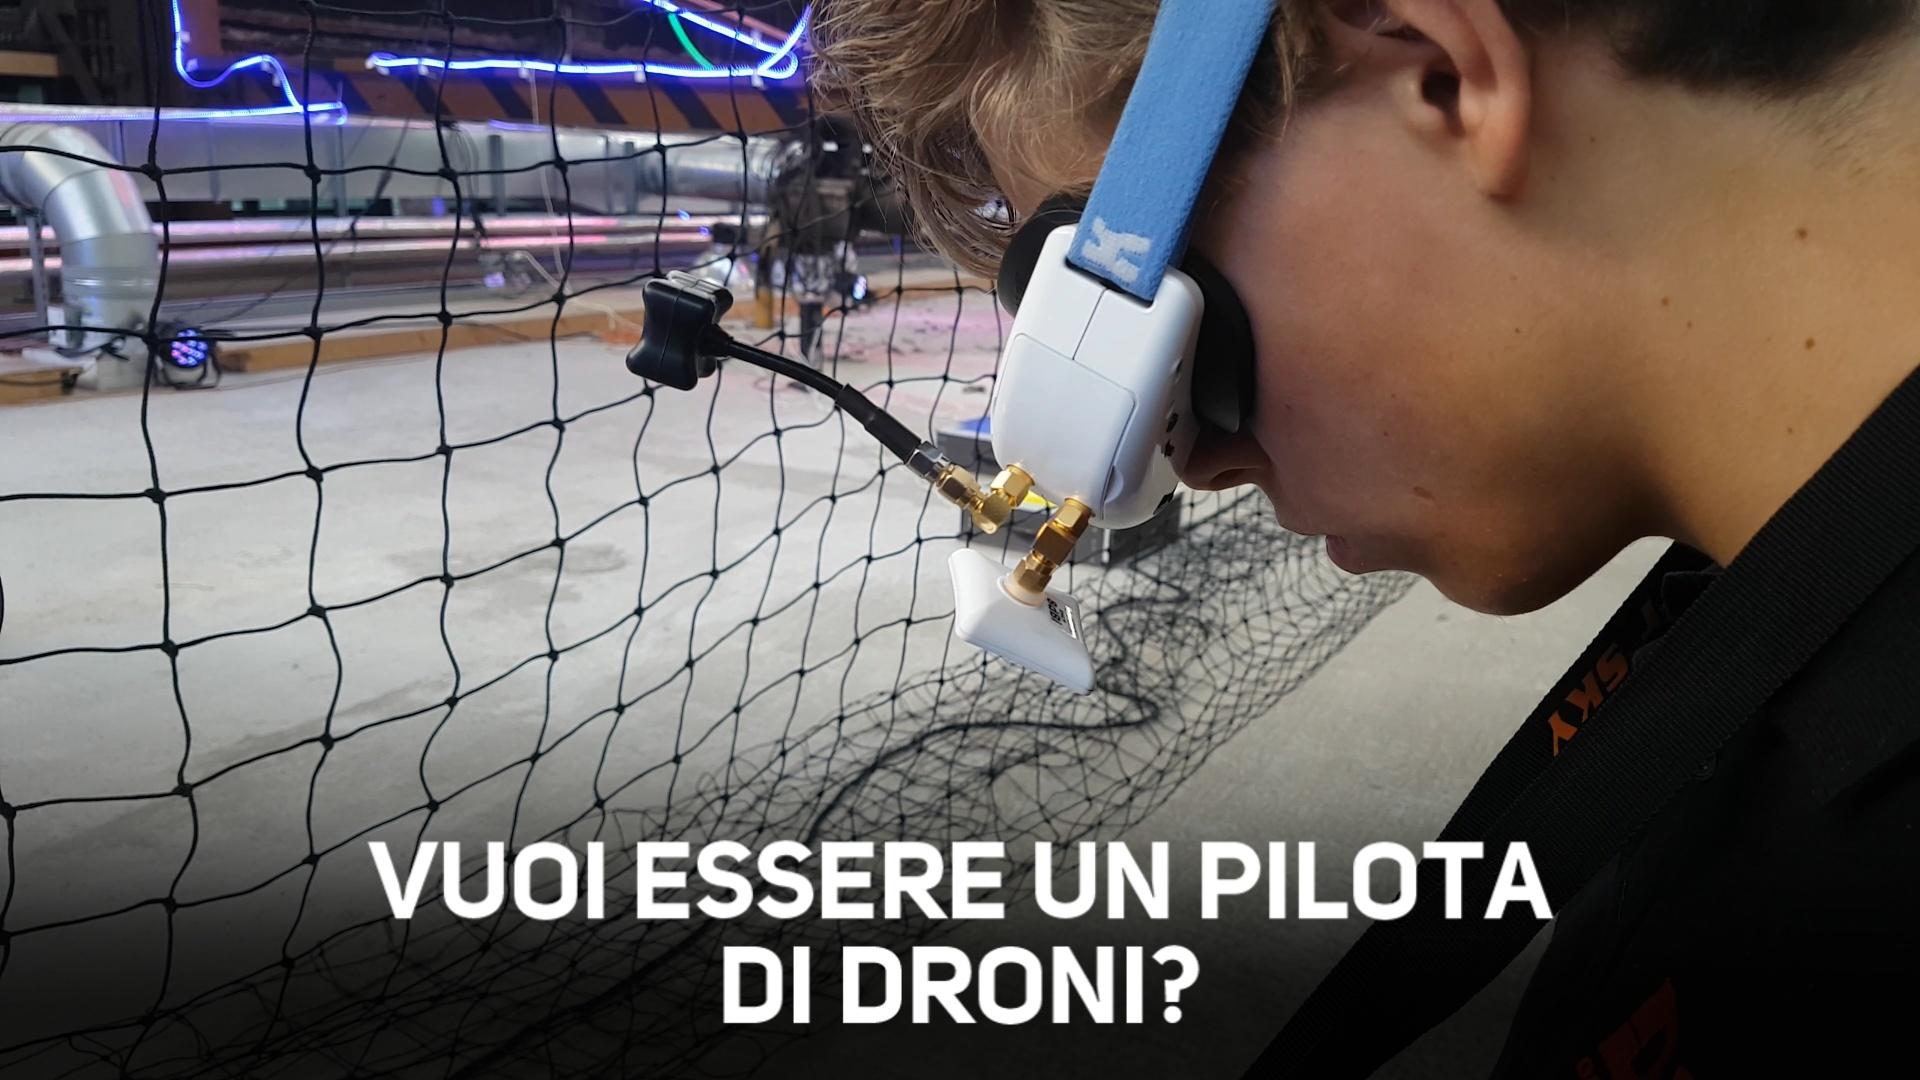 Come diventare pilota di droni in 5 semplici mosse